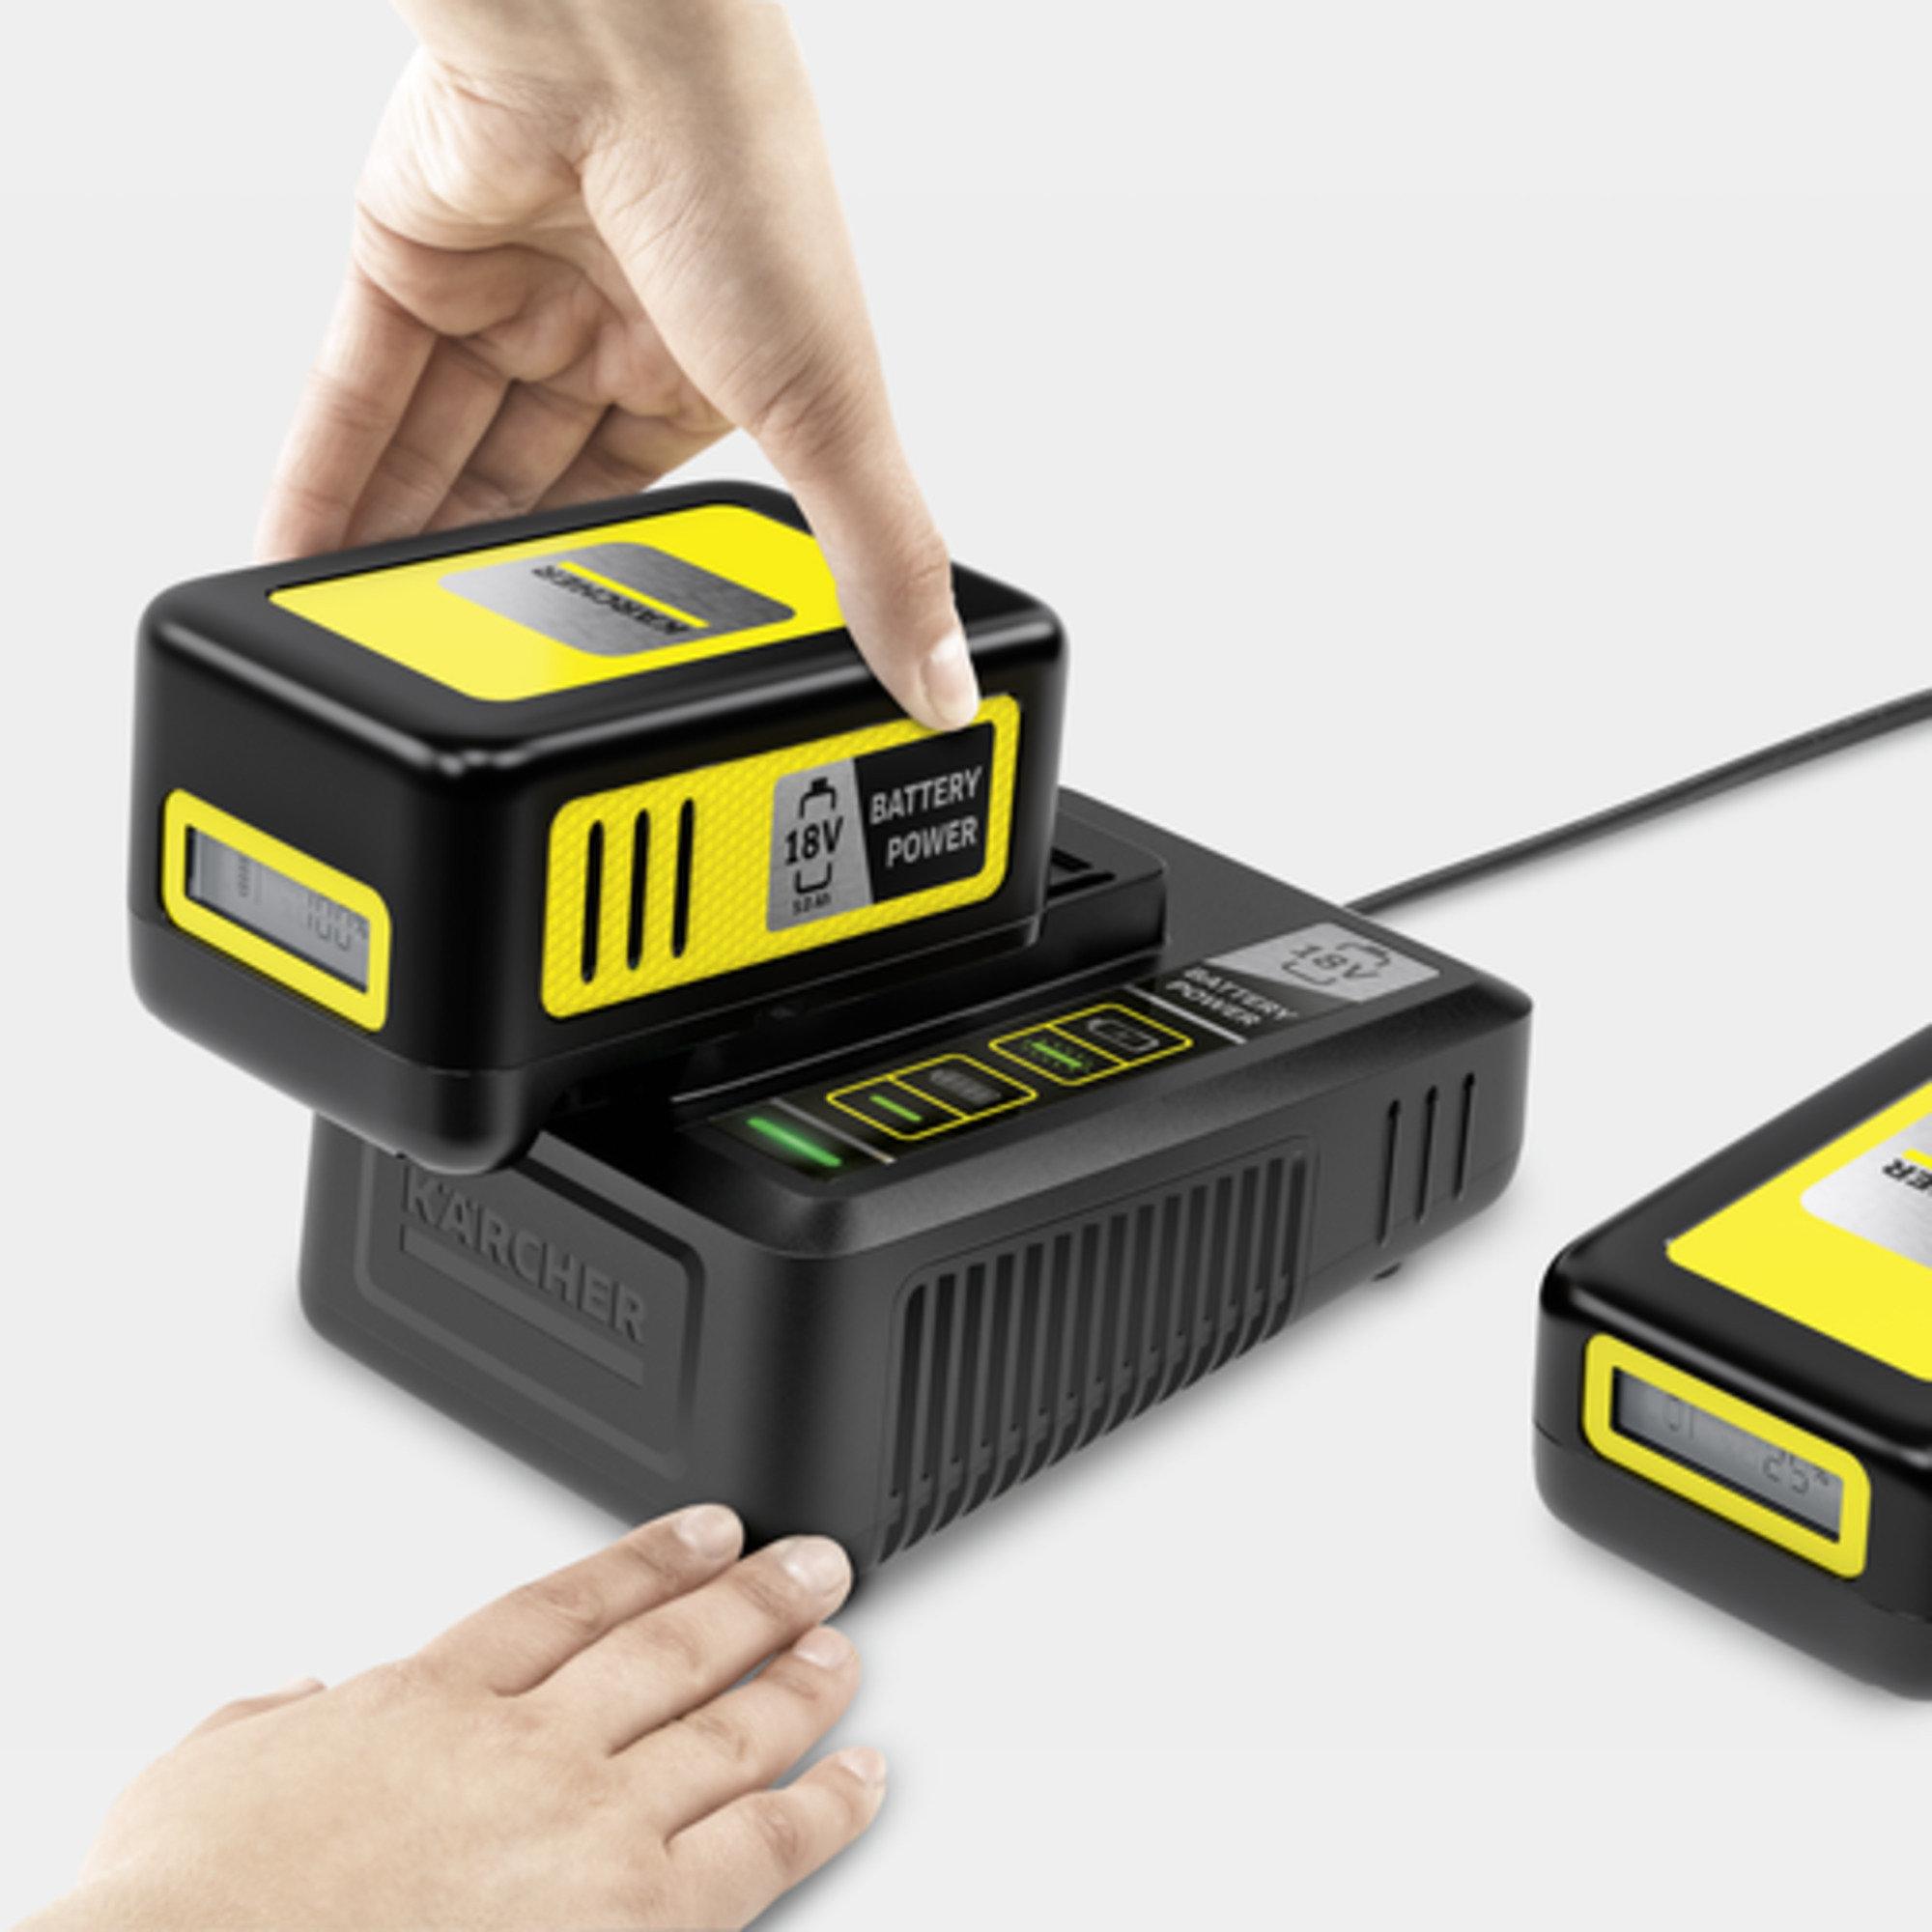 Kiirlaadija Battery Power 18V: Palju kasutusvõimalusi